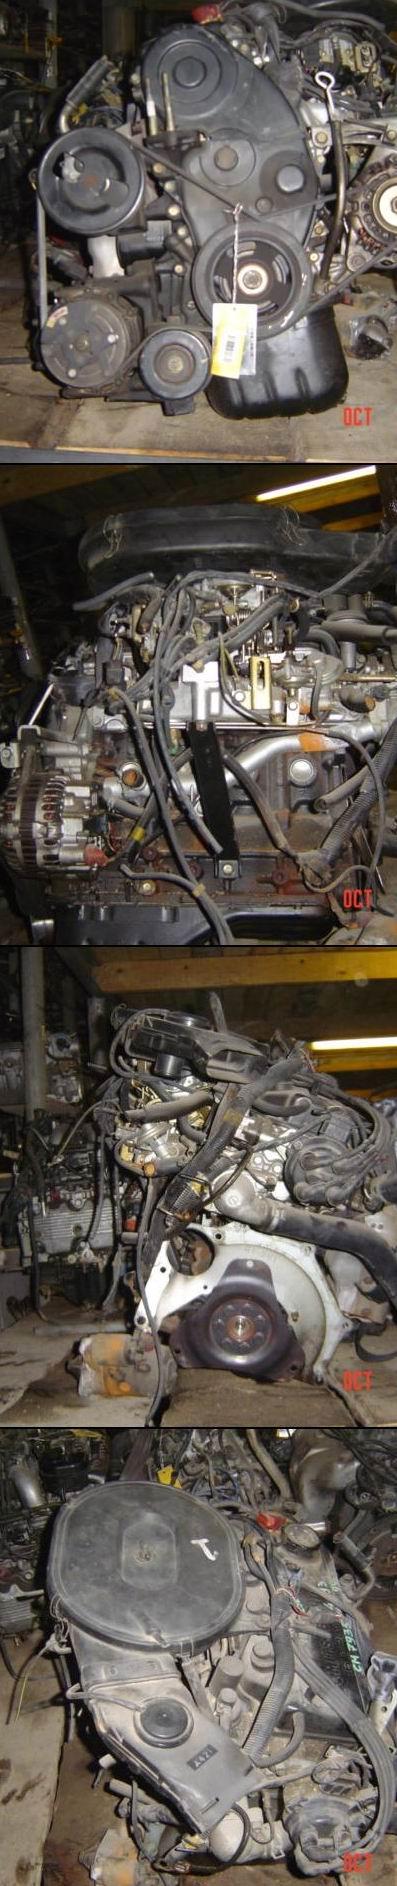 Двигатель 4g93, sohc, 16 valve